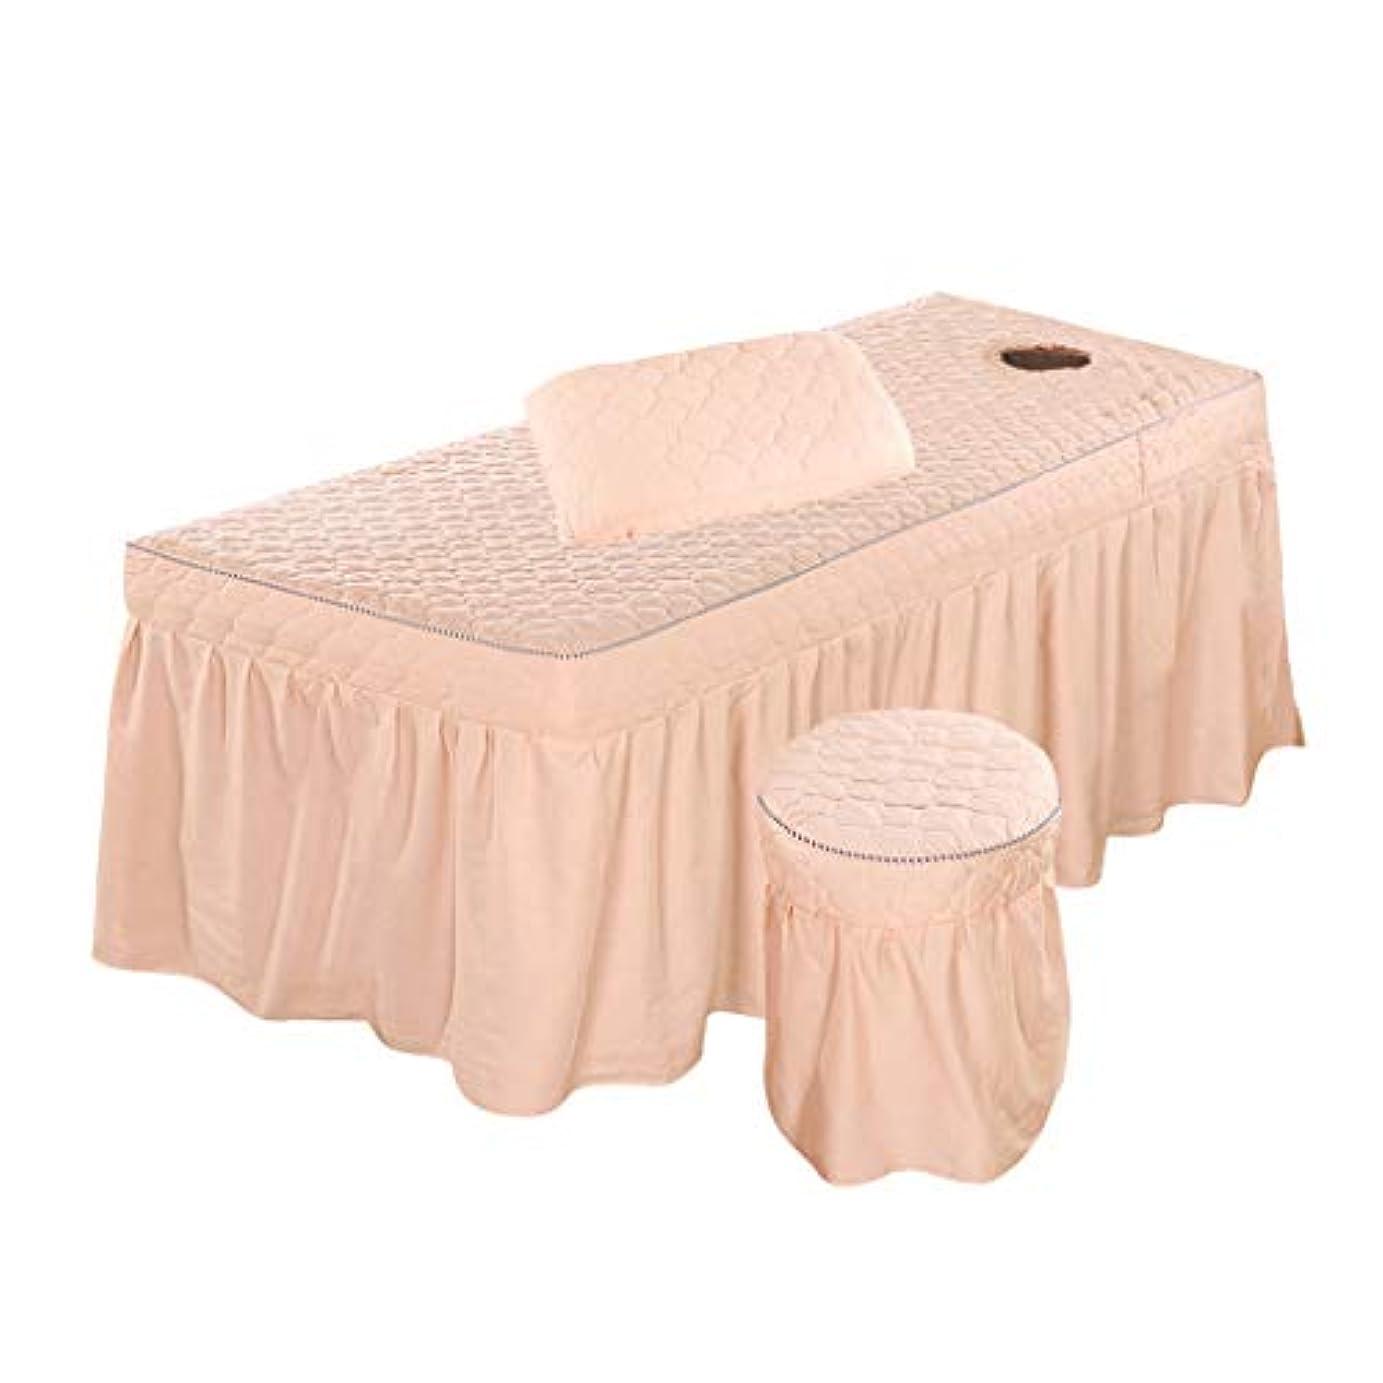 要旨嫌悪なるマッサージベッドカバー 有孔 スツールカバー 枕カバー 快適 3個/セット - ライトピンク